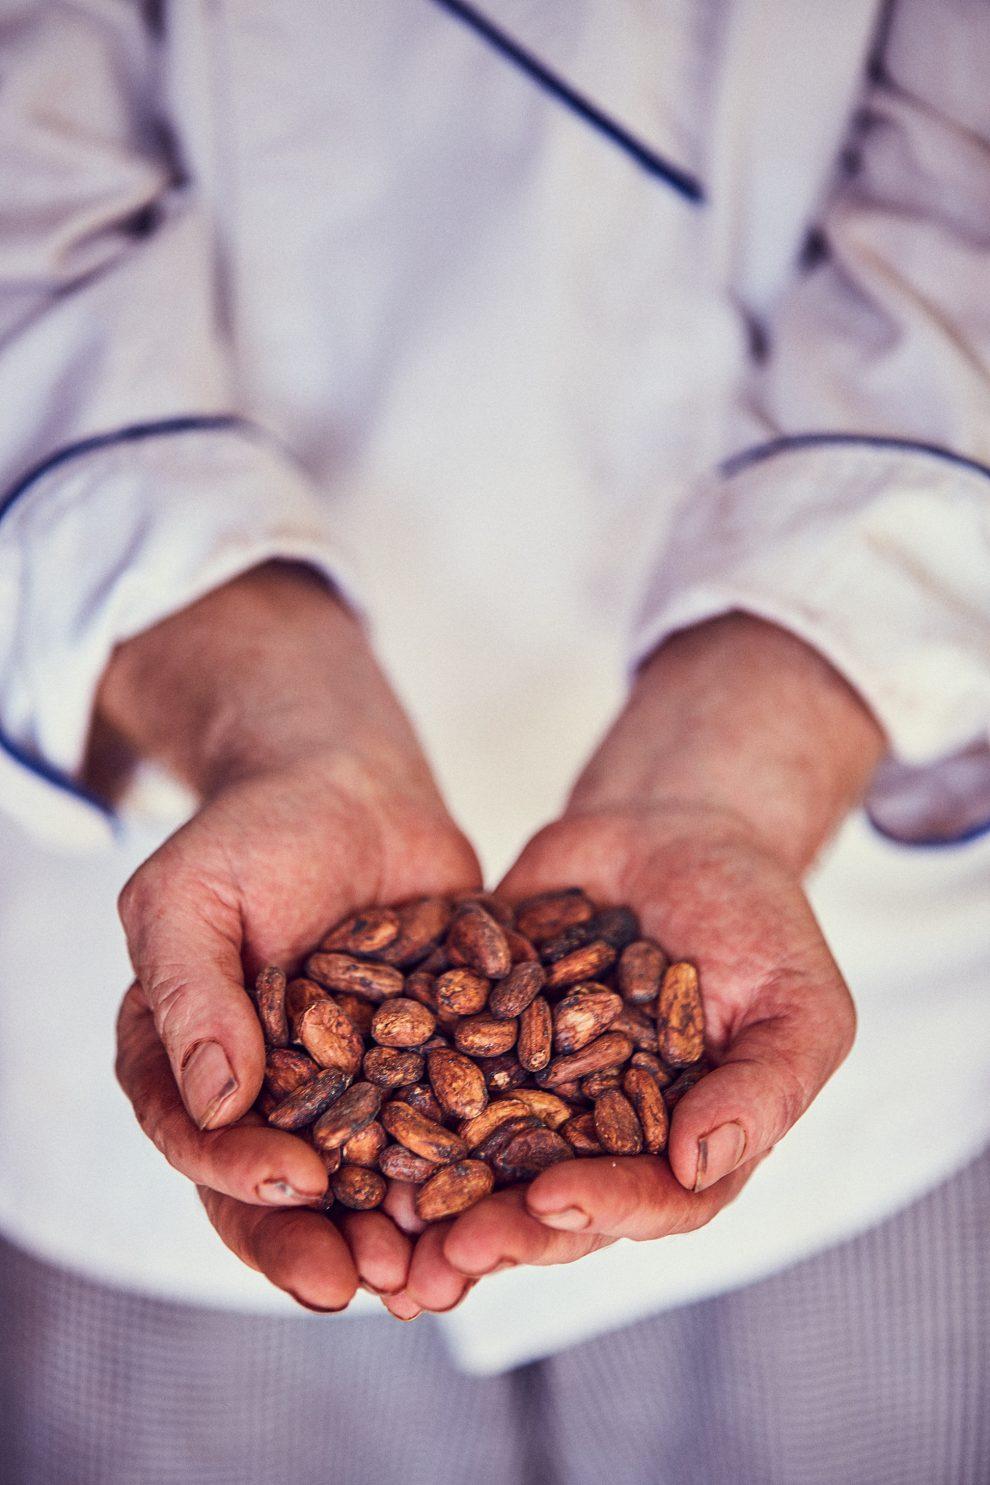 Un segreto per il mio cioccolato? Sta nei semi. È un segreto che proviene da una delle famiglie italo-venezuale più antiche: la famiglia Franceschi. È da loro che faccio arrivare i semi di cacao.